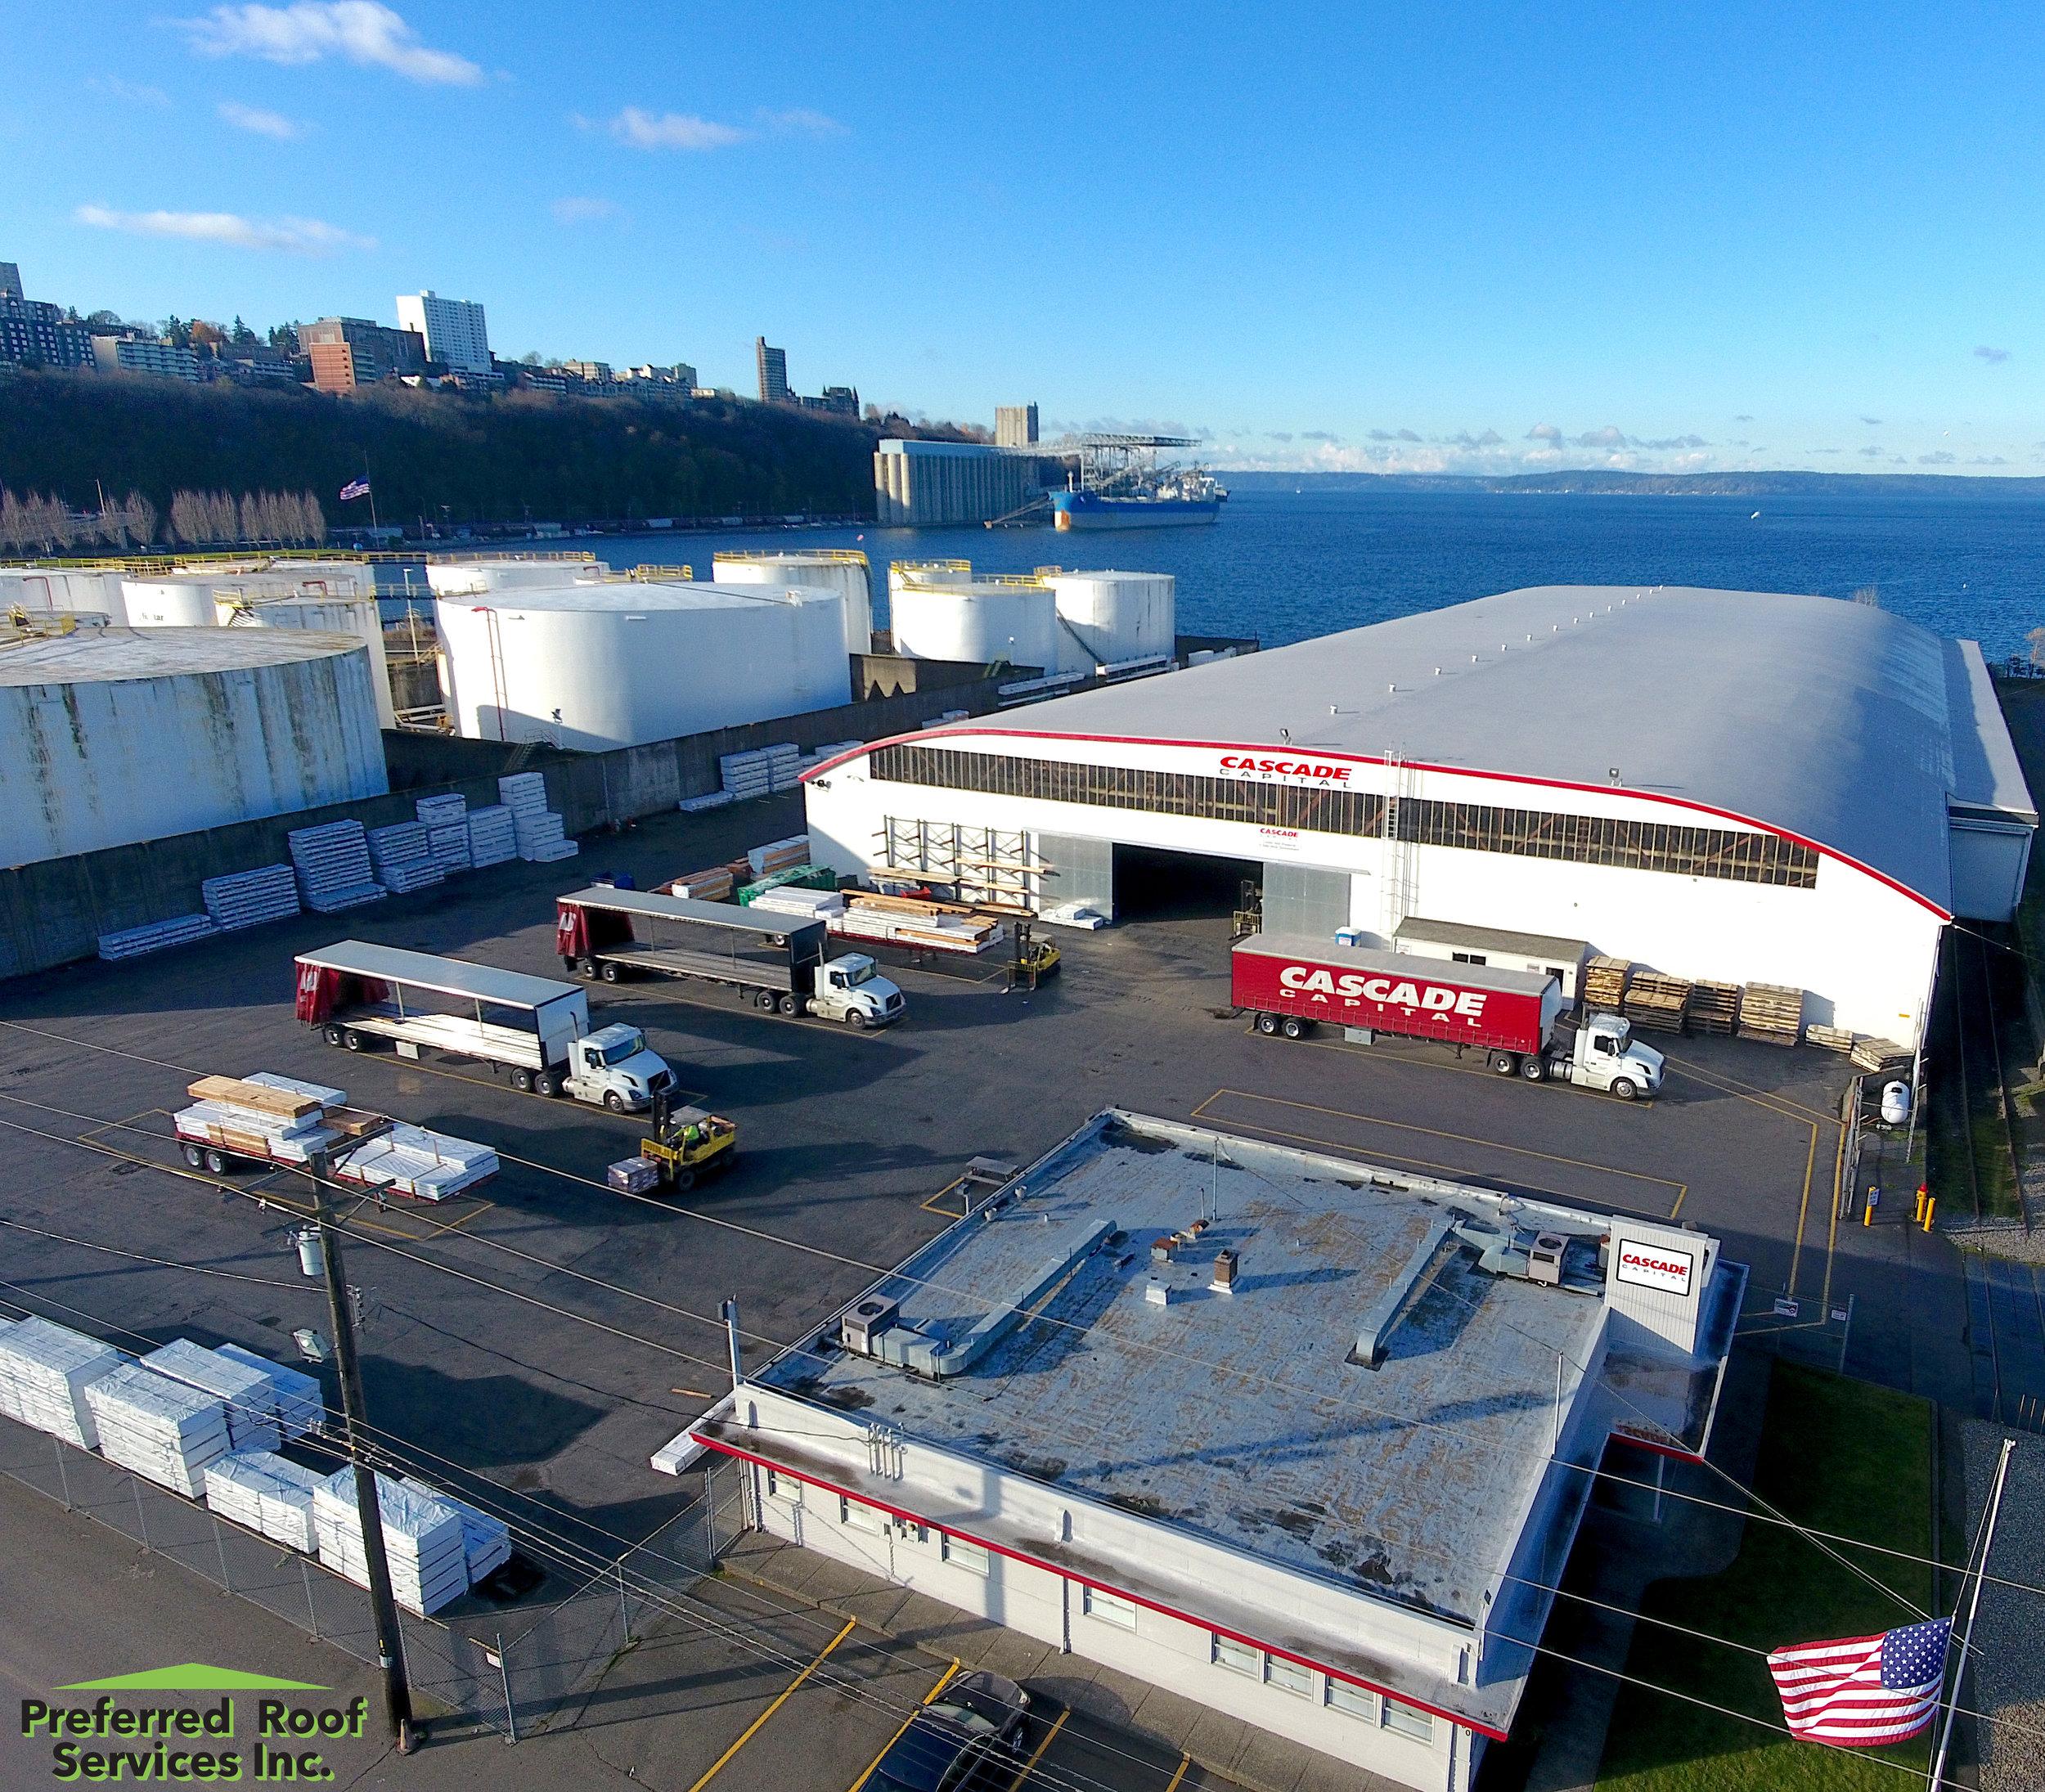 Cascade Capital Drone Shoot 3.jpg